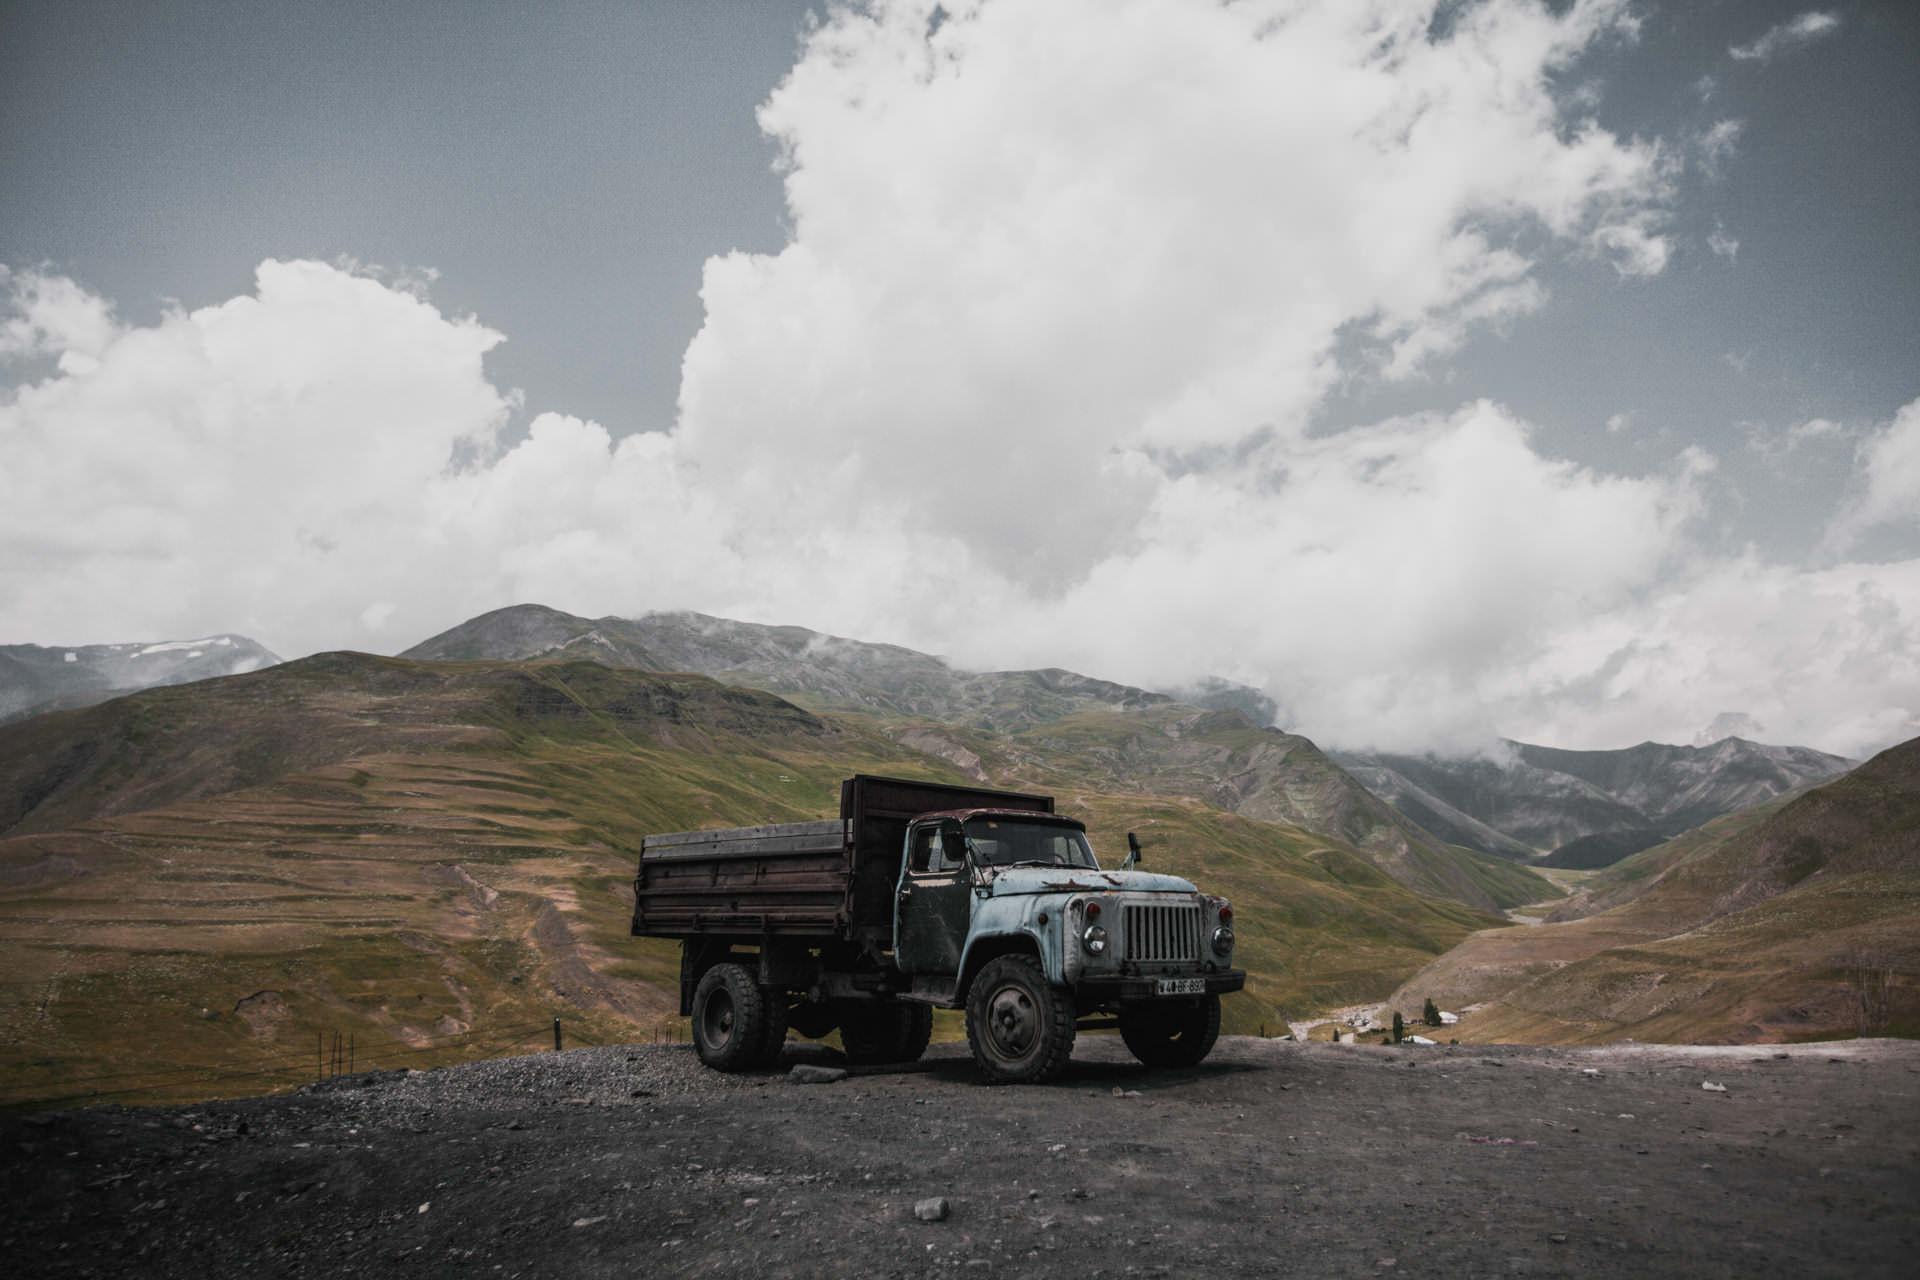 Jak najtaniej dostać się do Azerbejdżanu? Porady praktyczne, relacja z podróży, blog podróżniczy